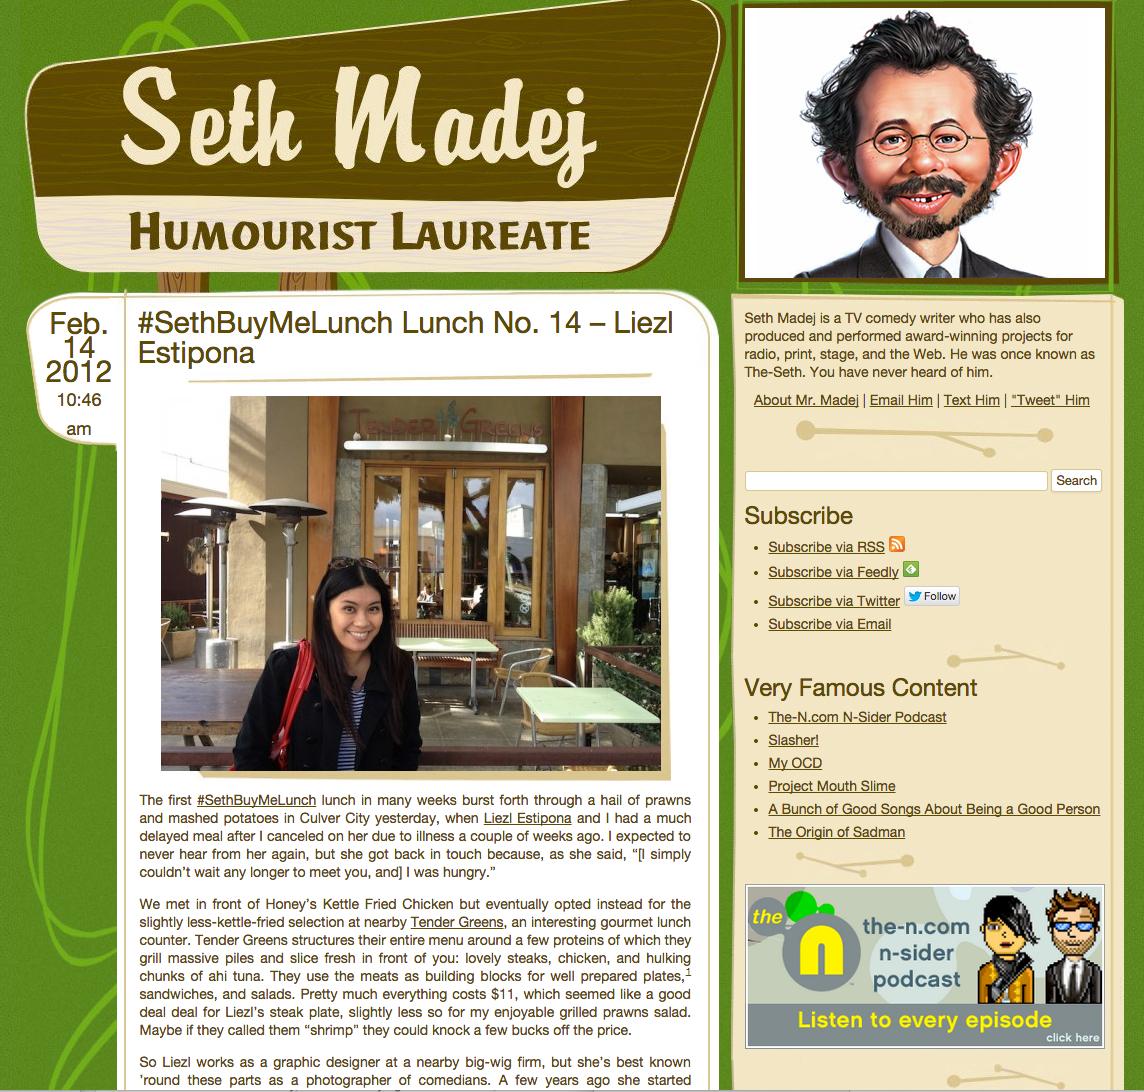 #SethBuyMeLunch Lunch No. 14 – Liezl Estipona | Seth Madej.jpg